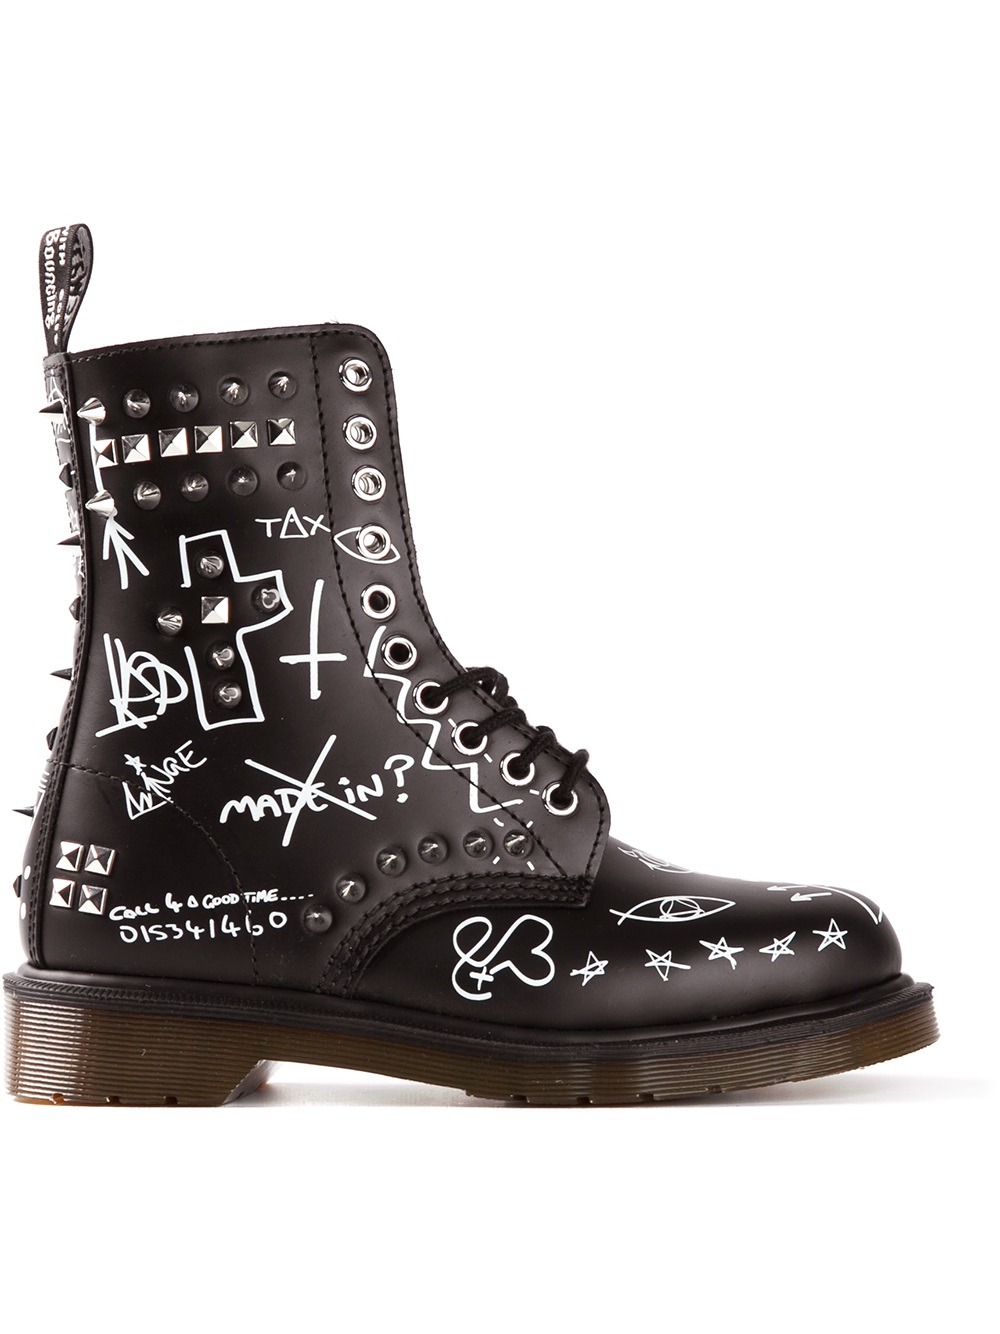 Dr Martens Graffiti Print Boot In Black Lyst